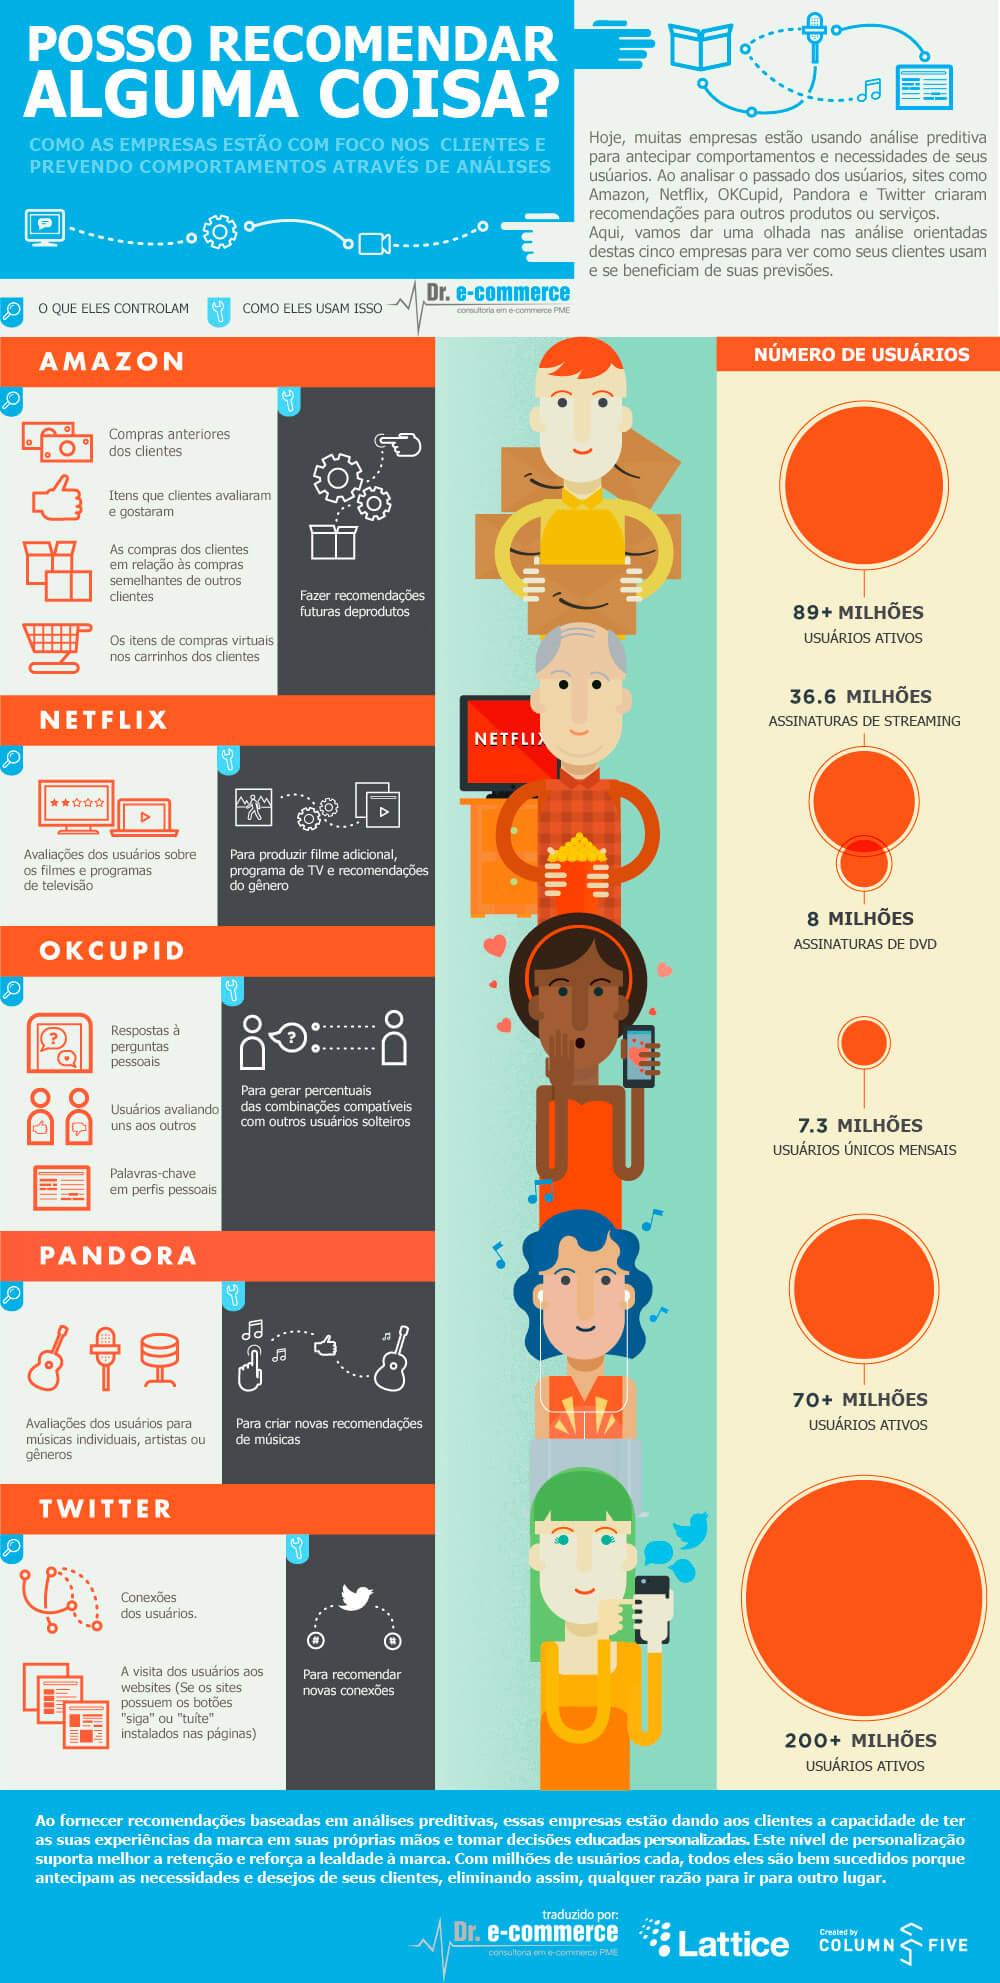 Como as empresas usam análise preditiva - [Infográfico]